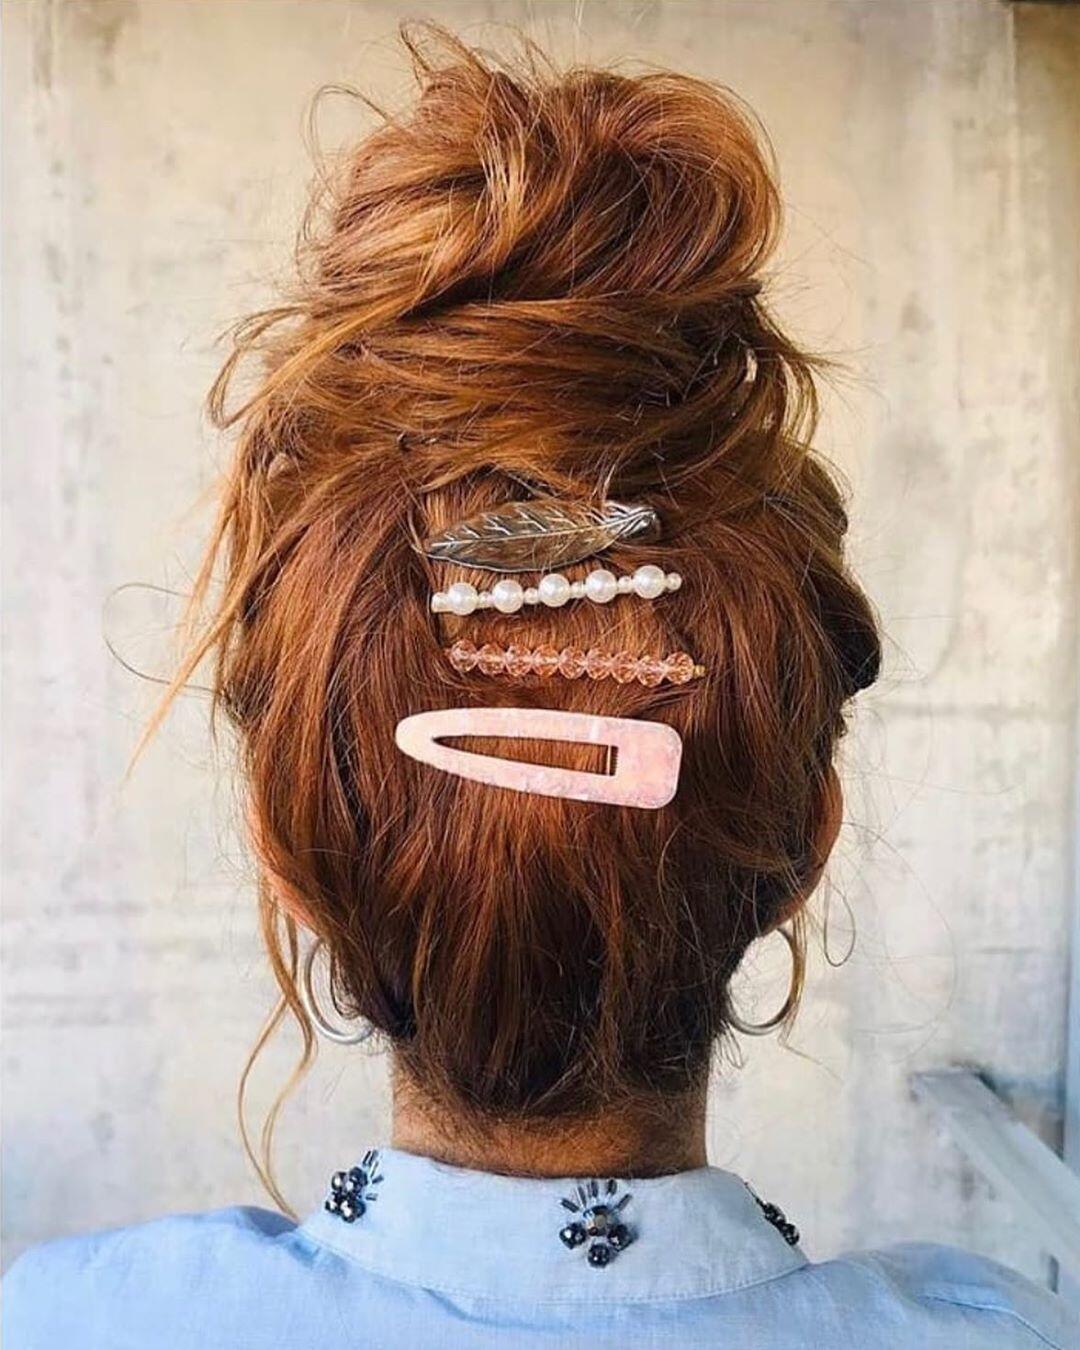 capelli castani ramati con chignon alto e messy e fermagli in stile boho chic